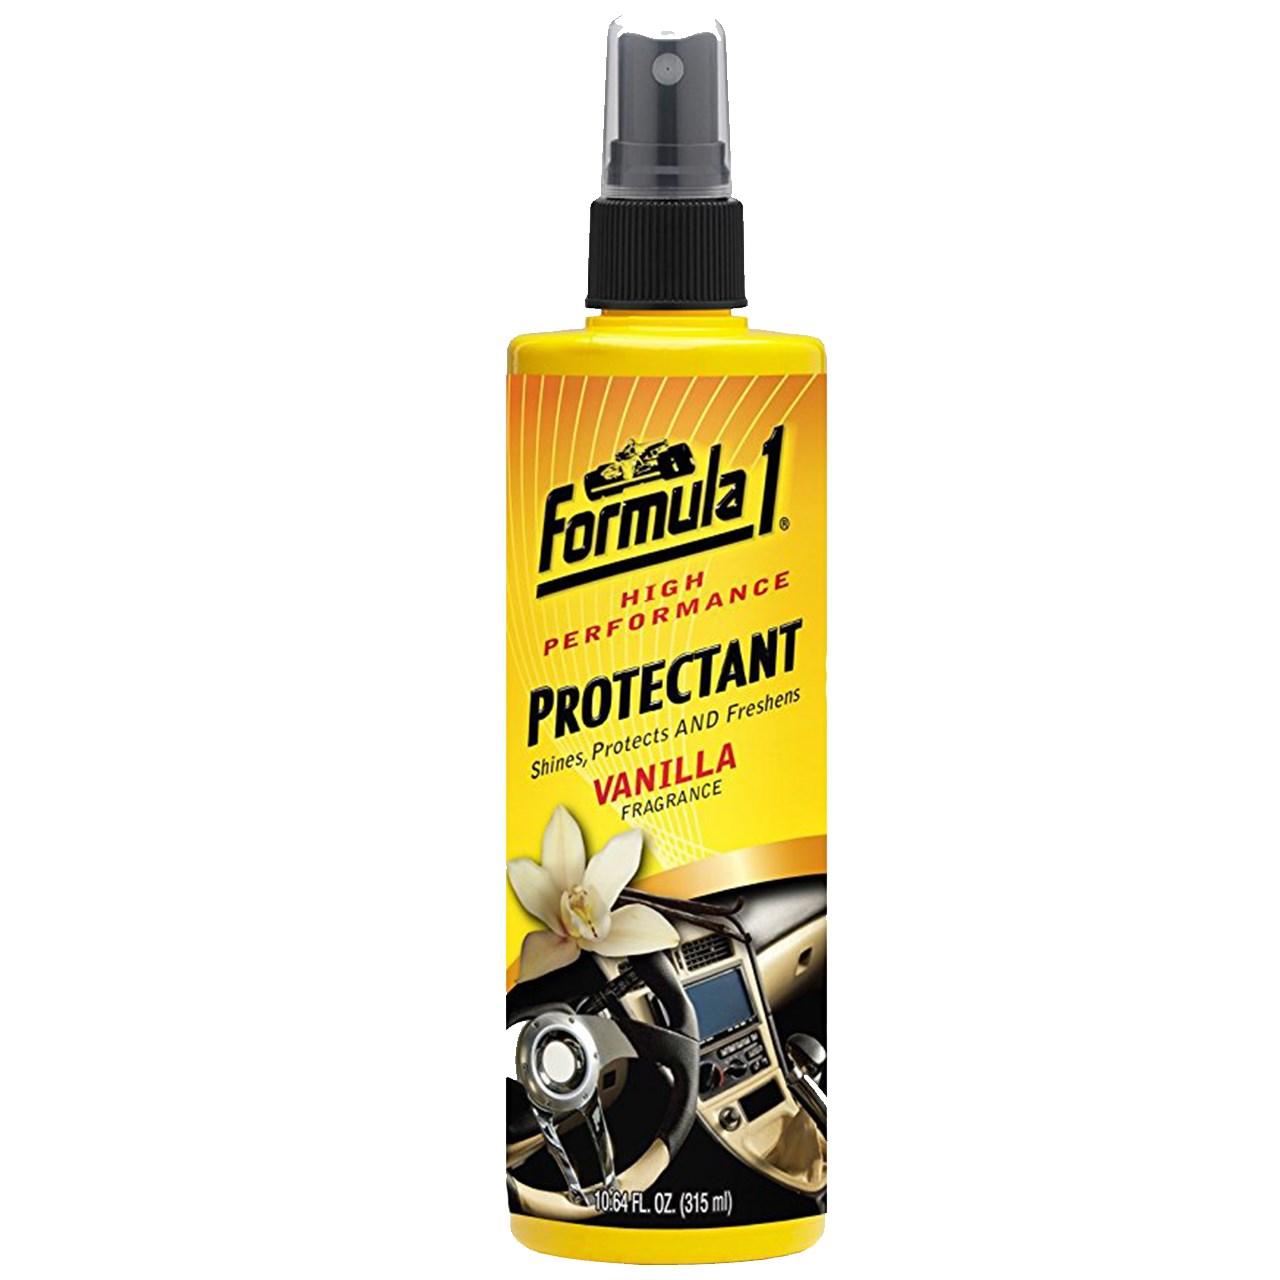 اسپری براق کننده و محافظت کننده داشبورد خودرو فرمول وان مدل Vanilla Fragrance 686737 - حجم 315 میلی لیتر